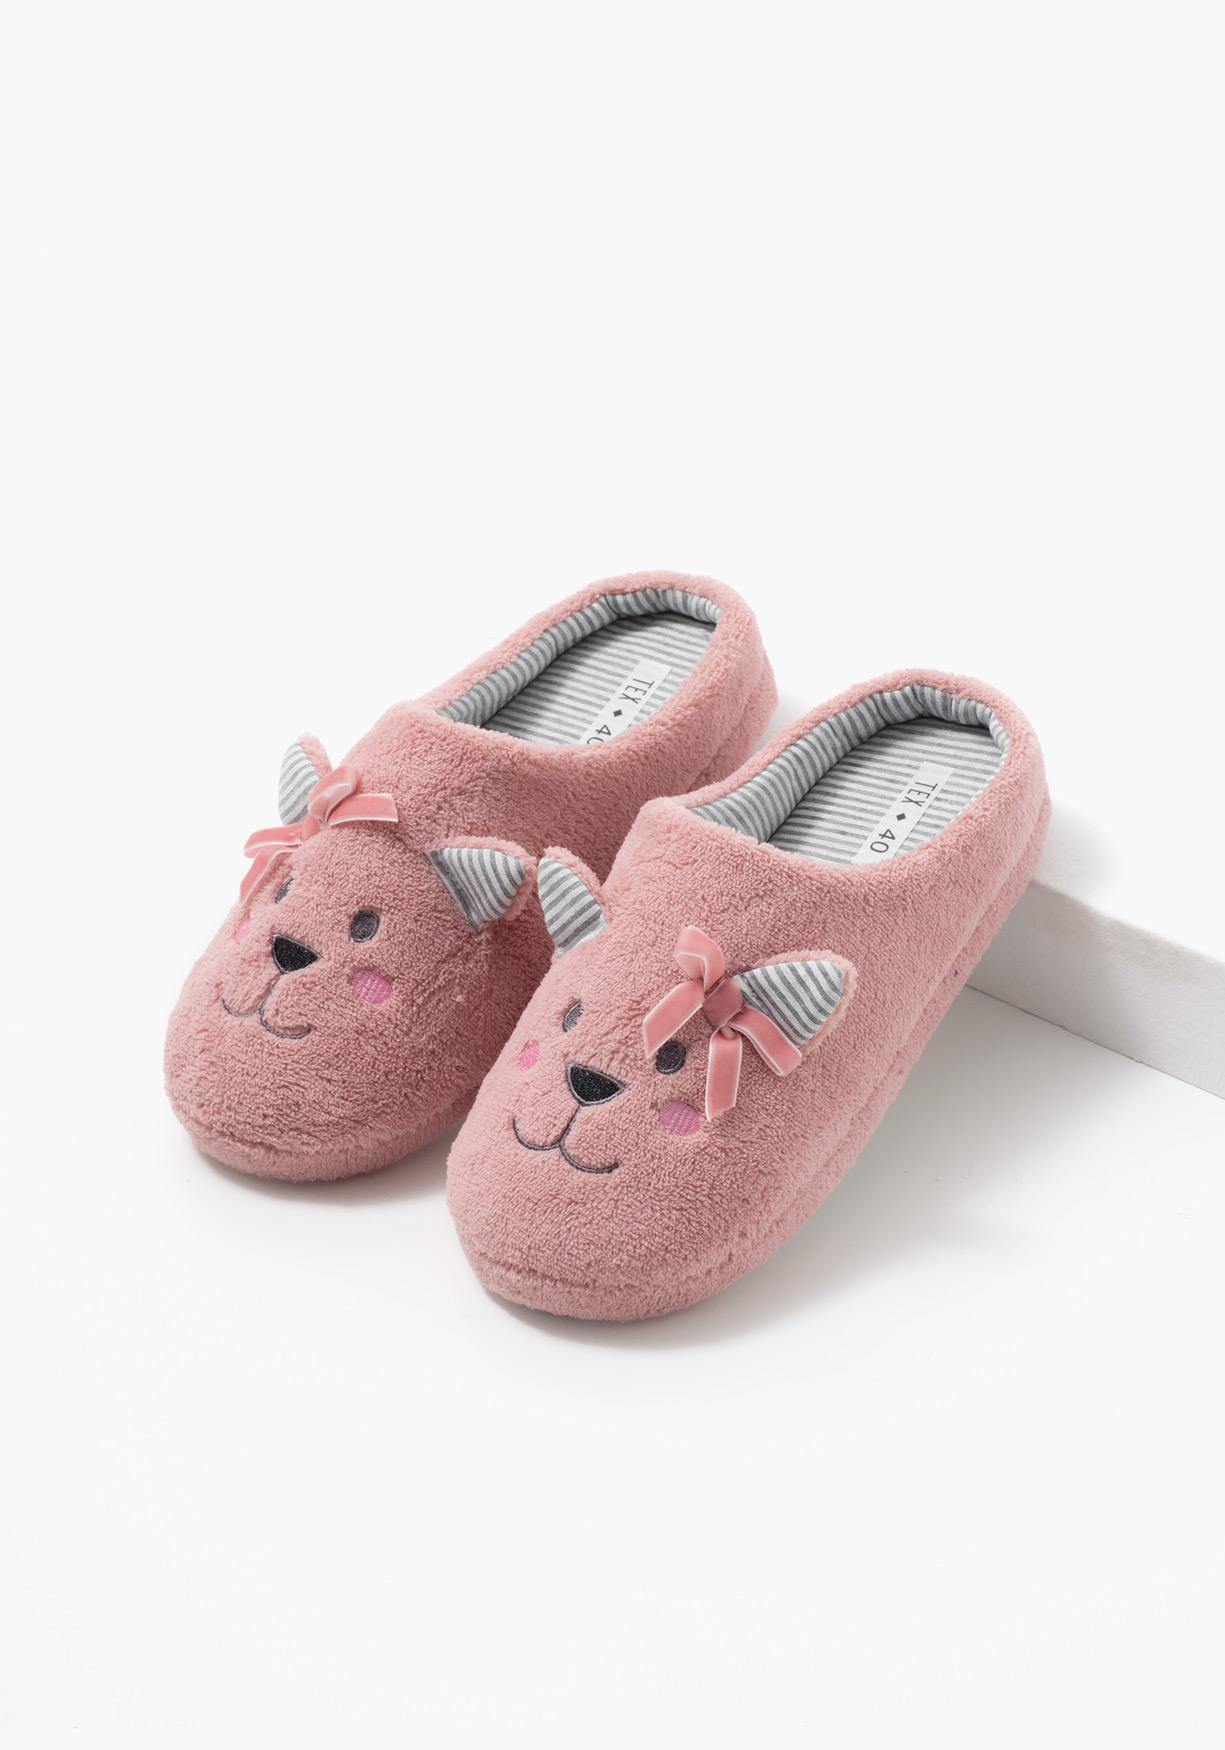 Comprar zapatillas de estar por casa con carita de animal tex aprov chate de nuestros precios - Zapatillas para casa ...